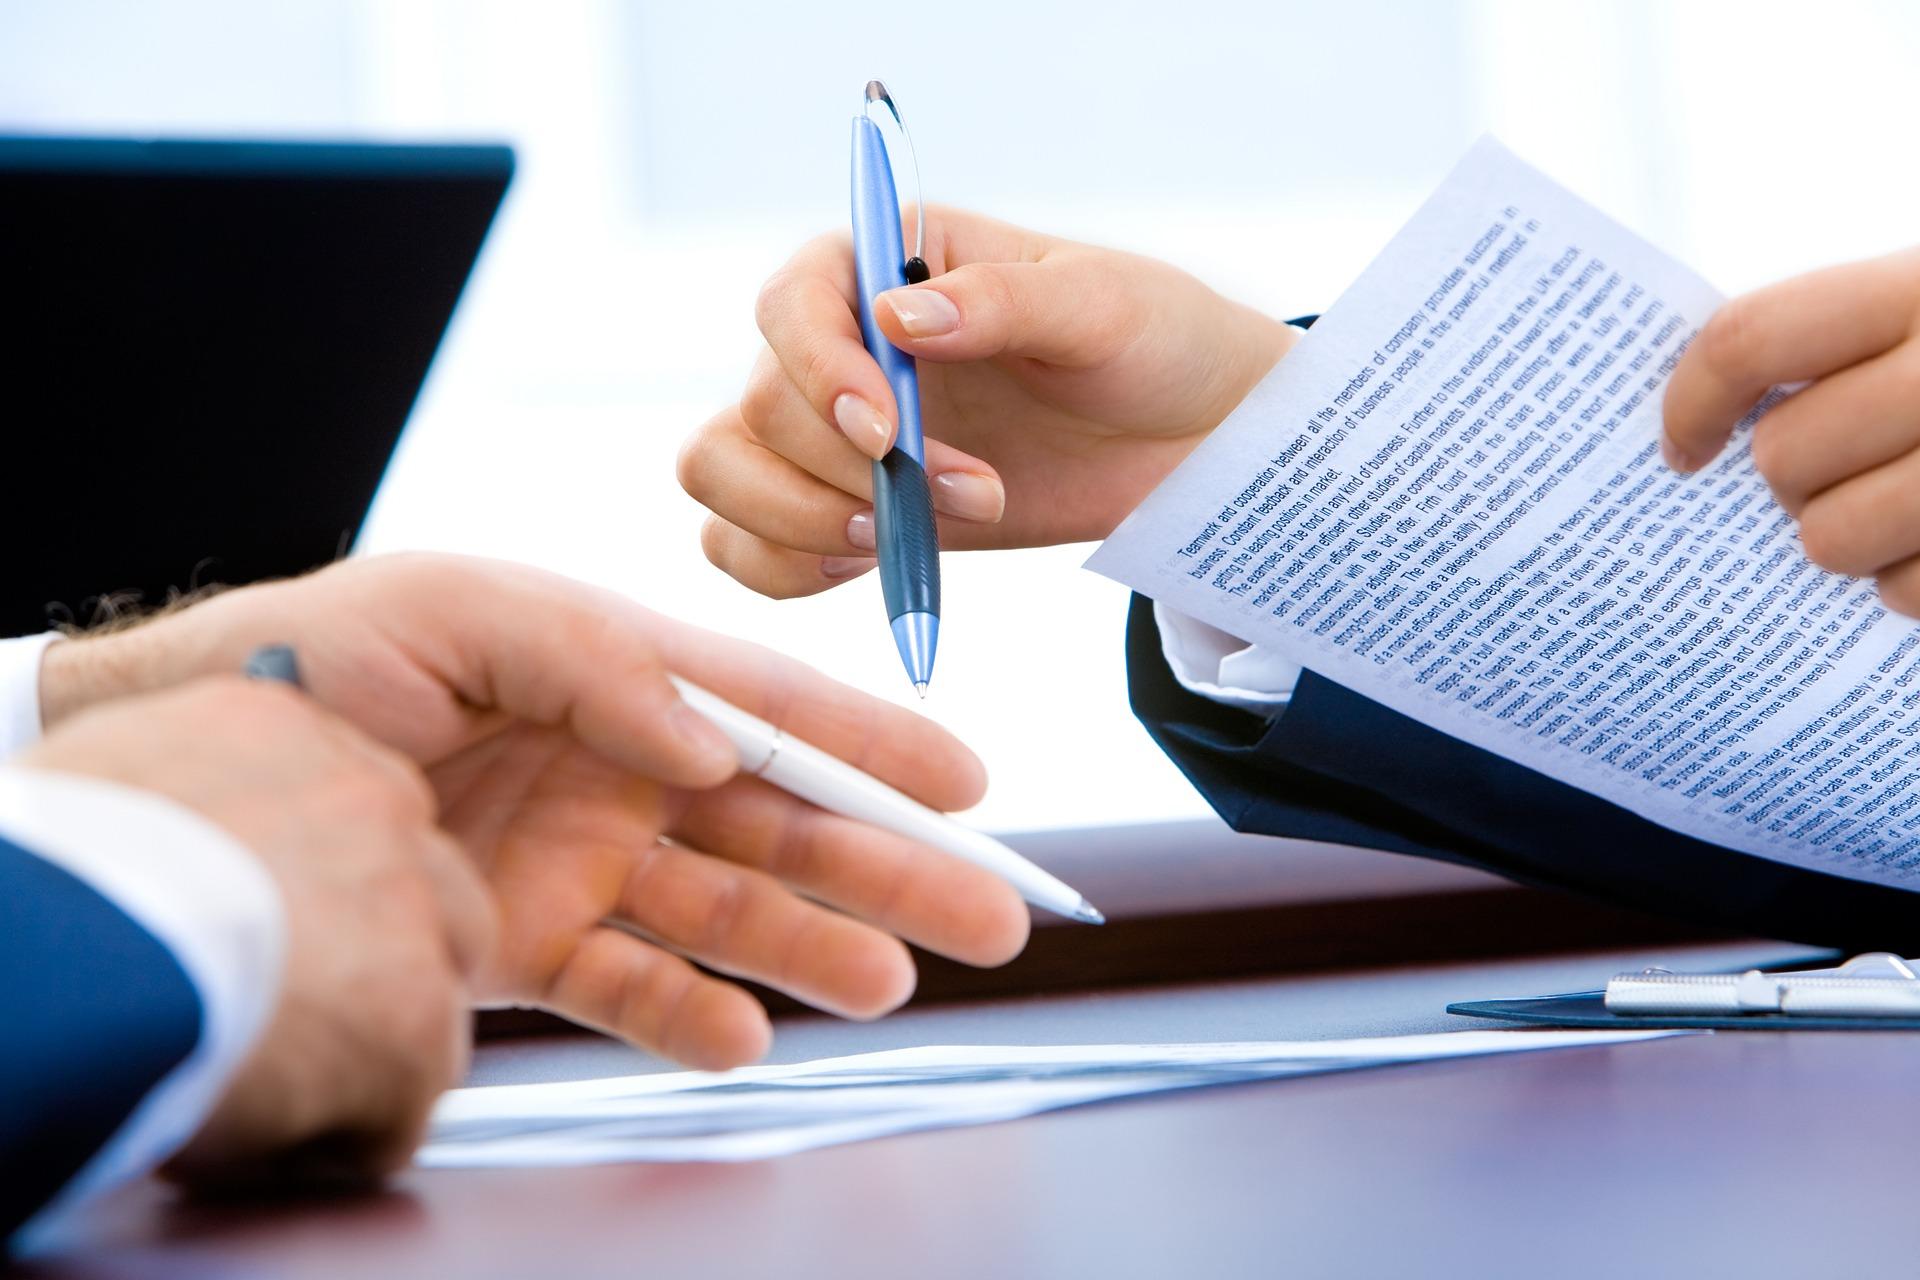 法人携帯の手続き面でのデメリット 軽減のコツは販売会社の選び方⁉